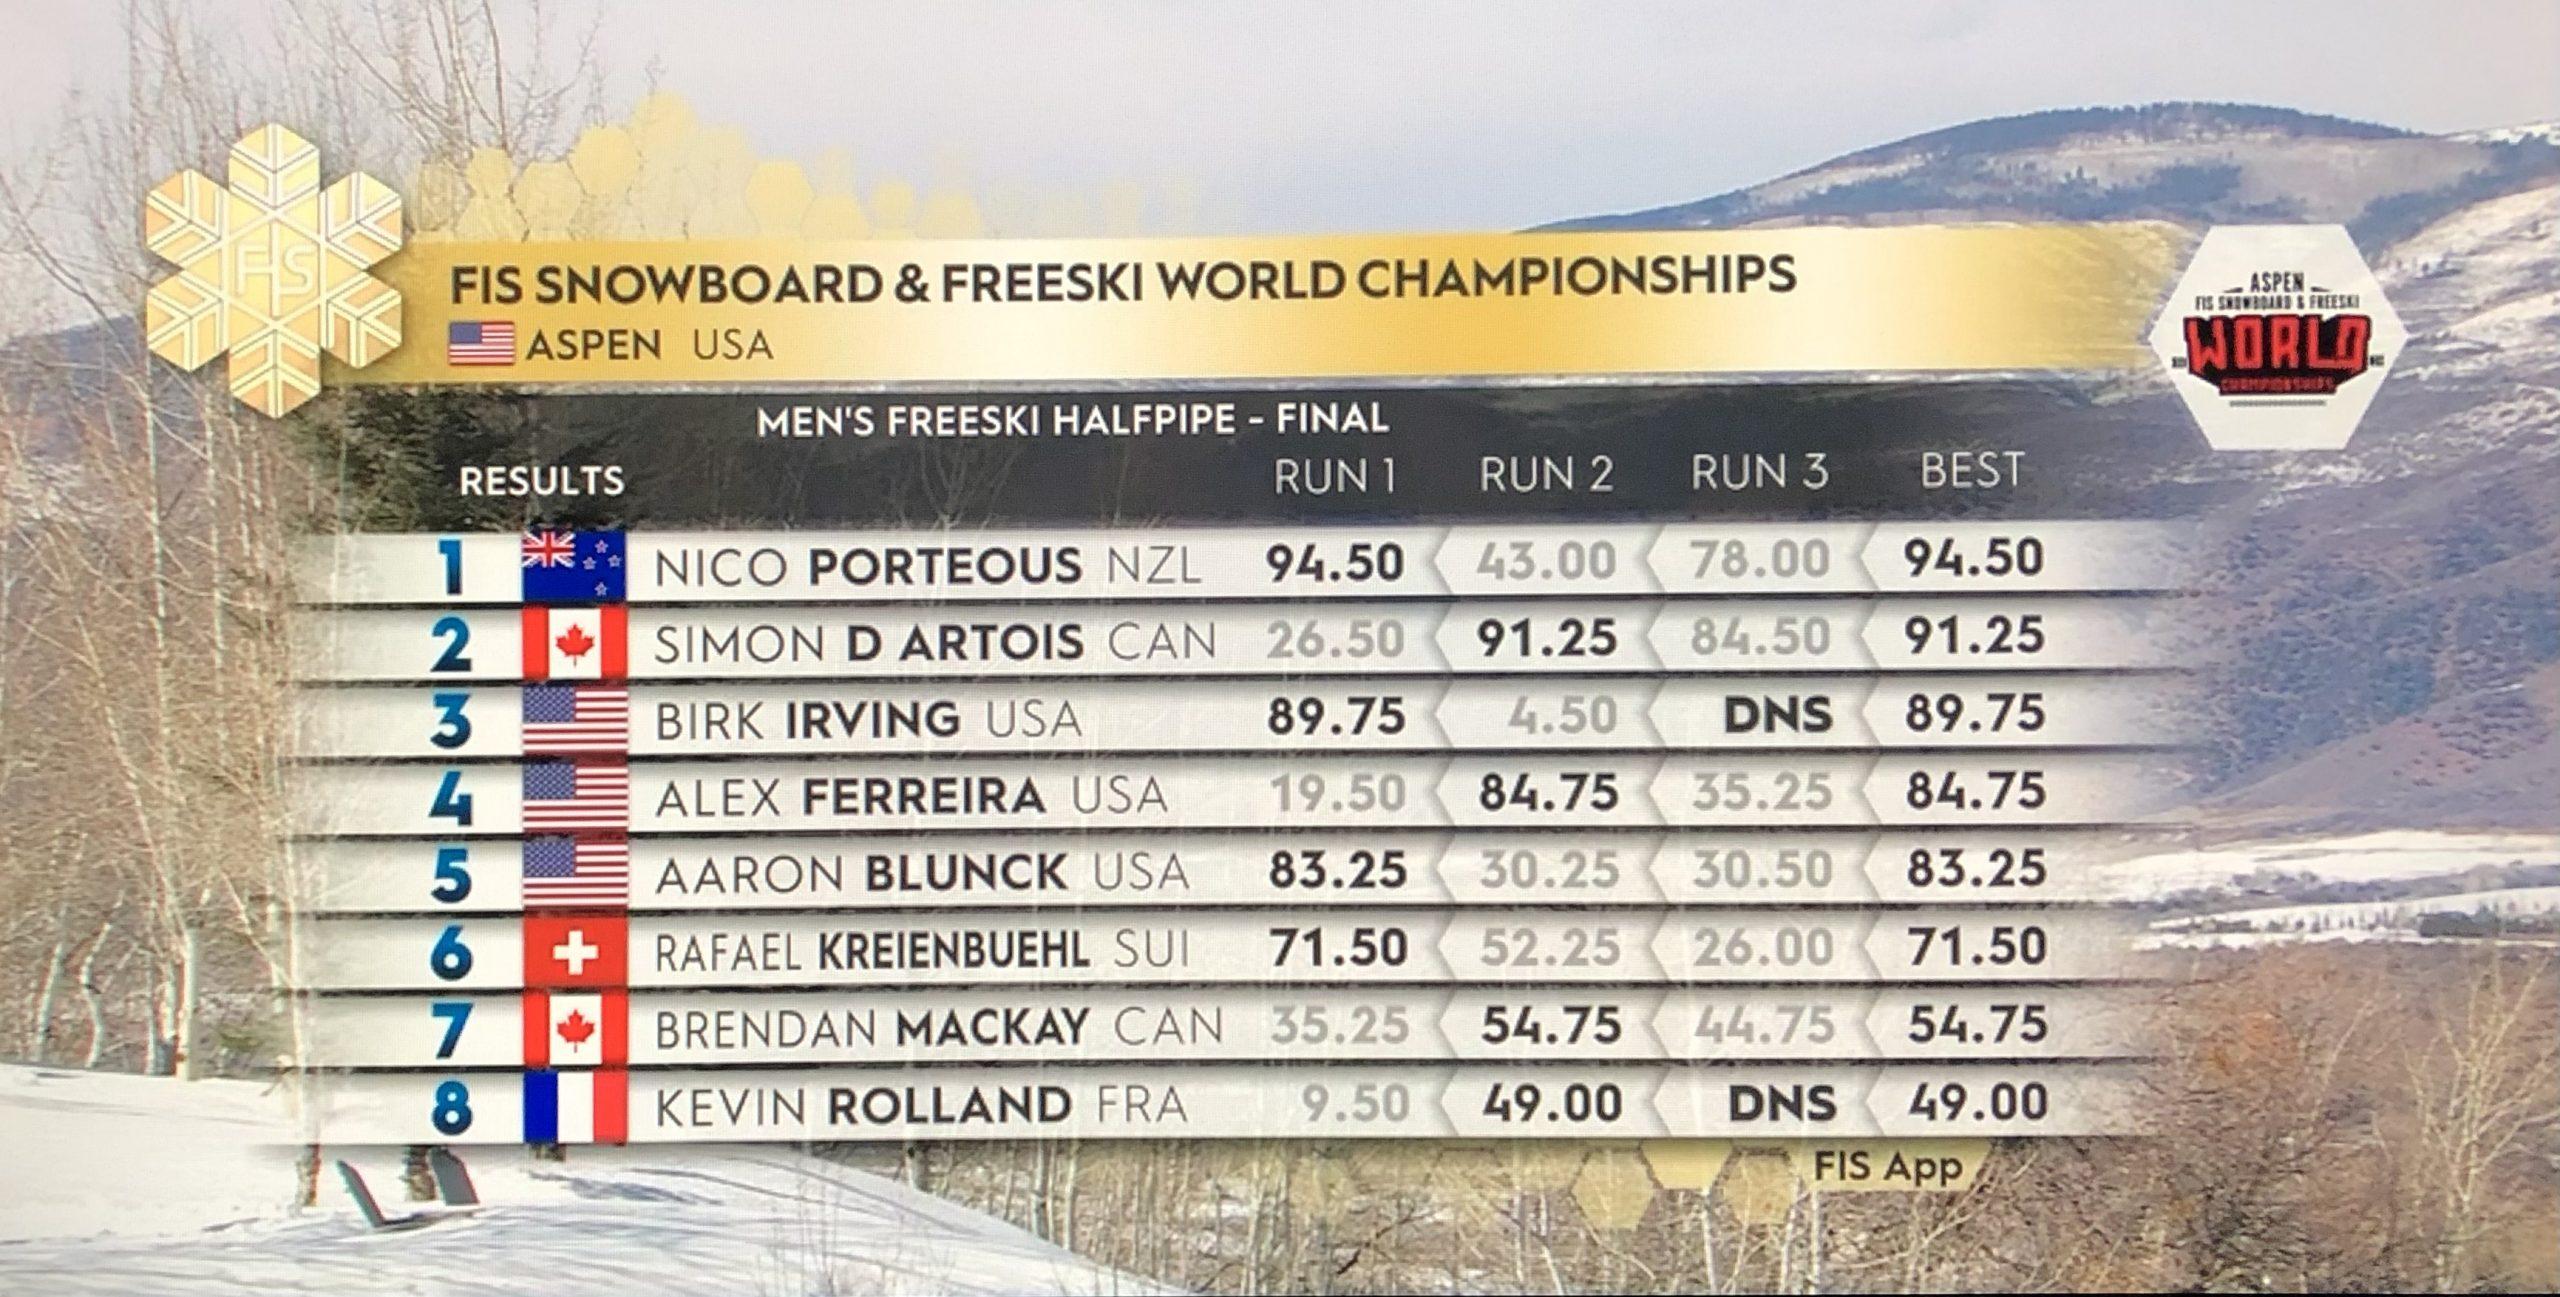 Das Ergebnis der Männer vom Halfpipe Finale bei der Freeski Weltmeisterschaft 2021 in Aspen, Colorado.